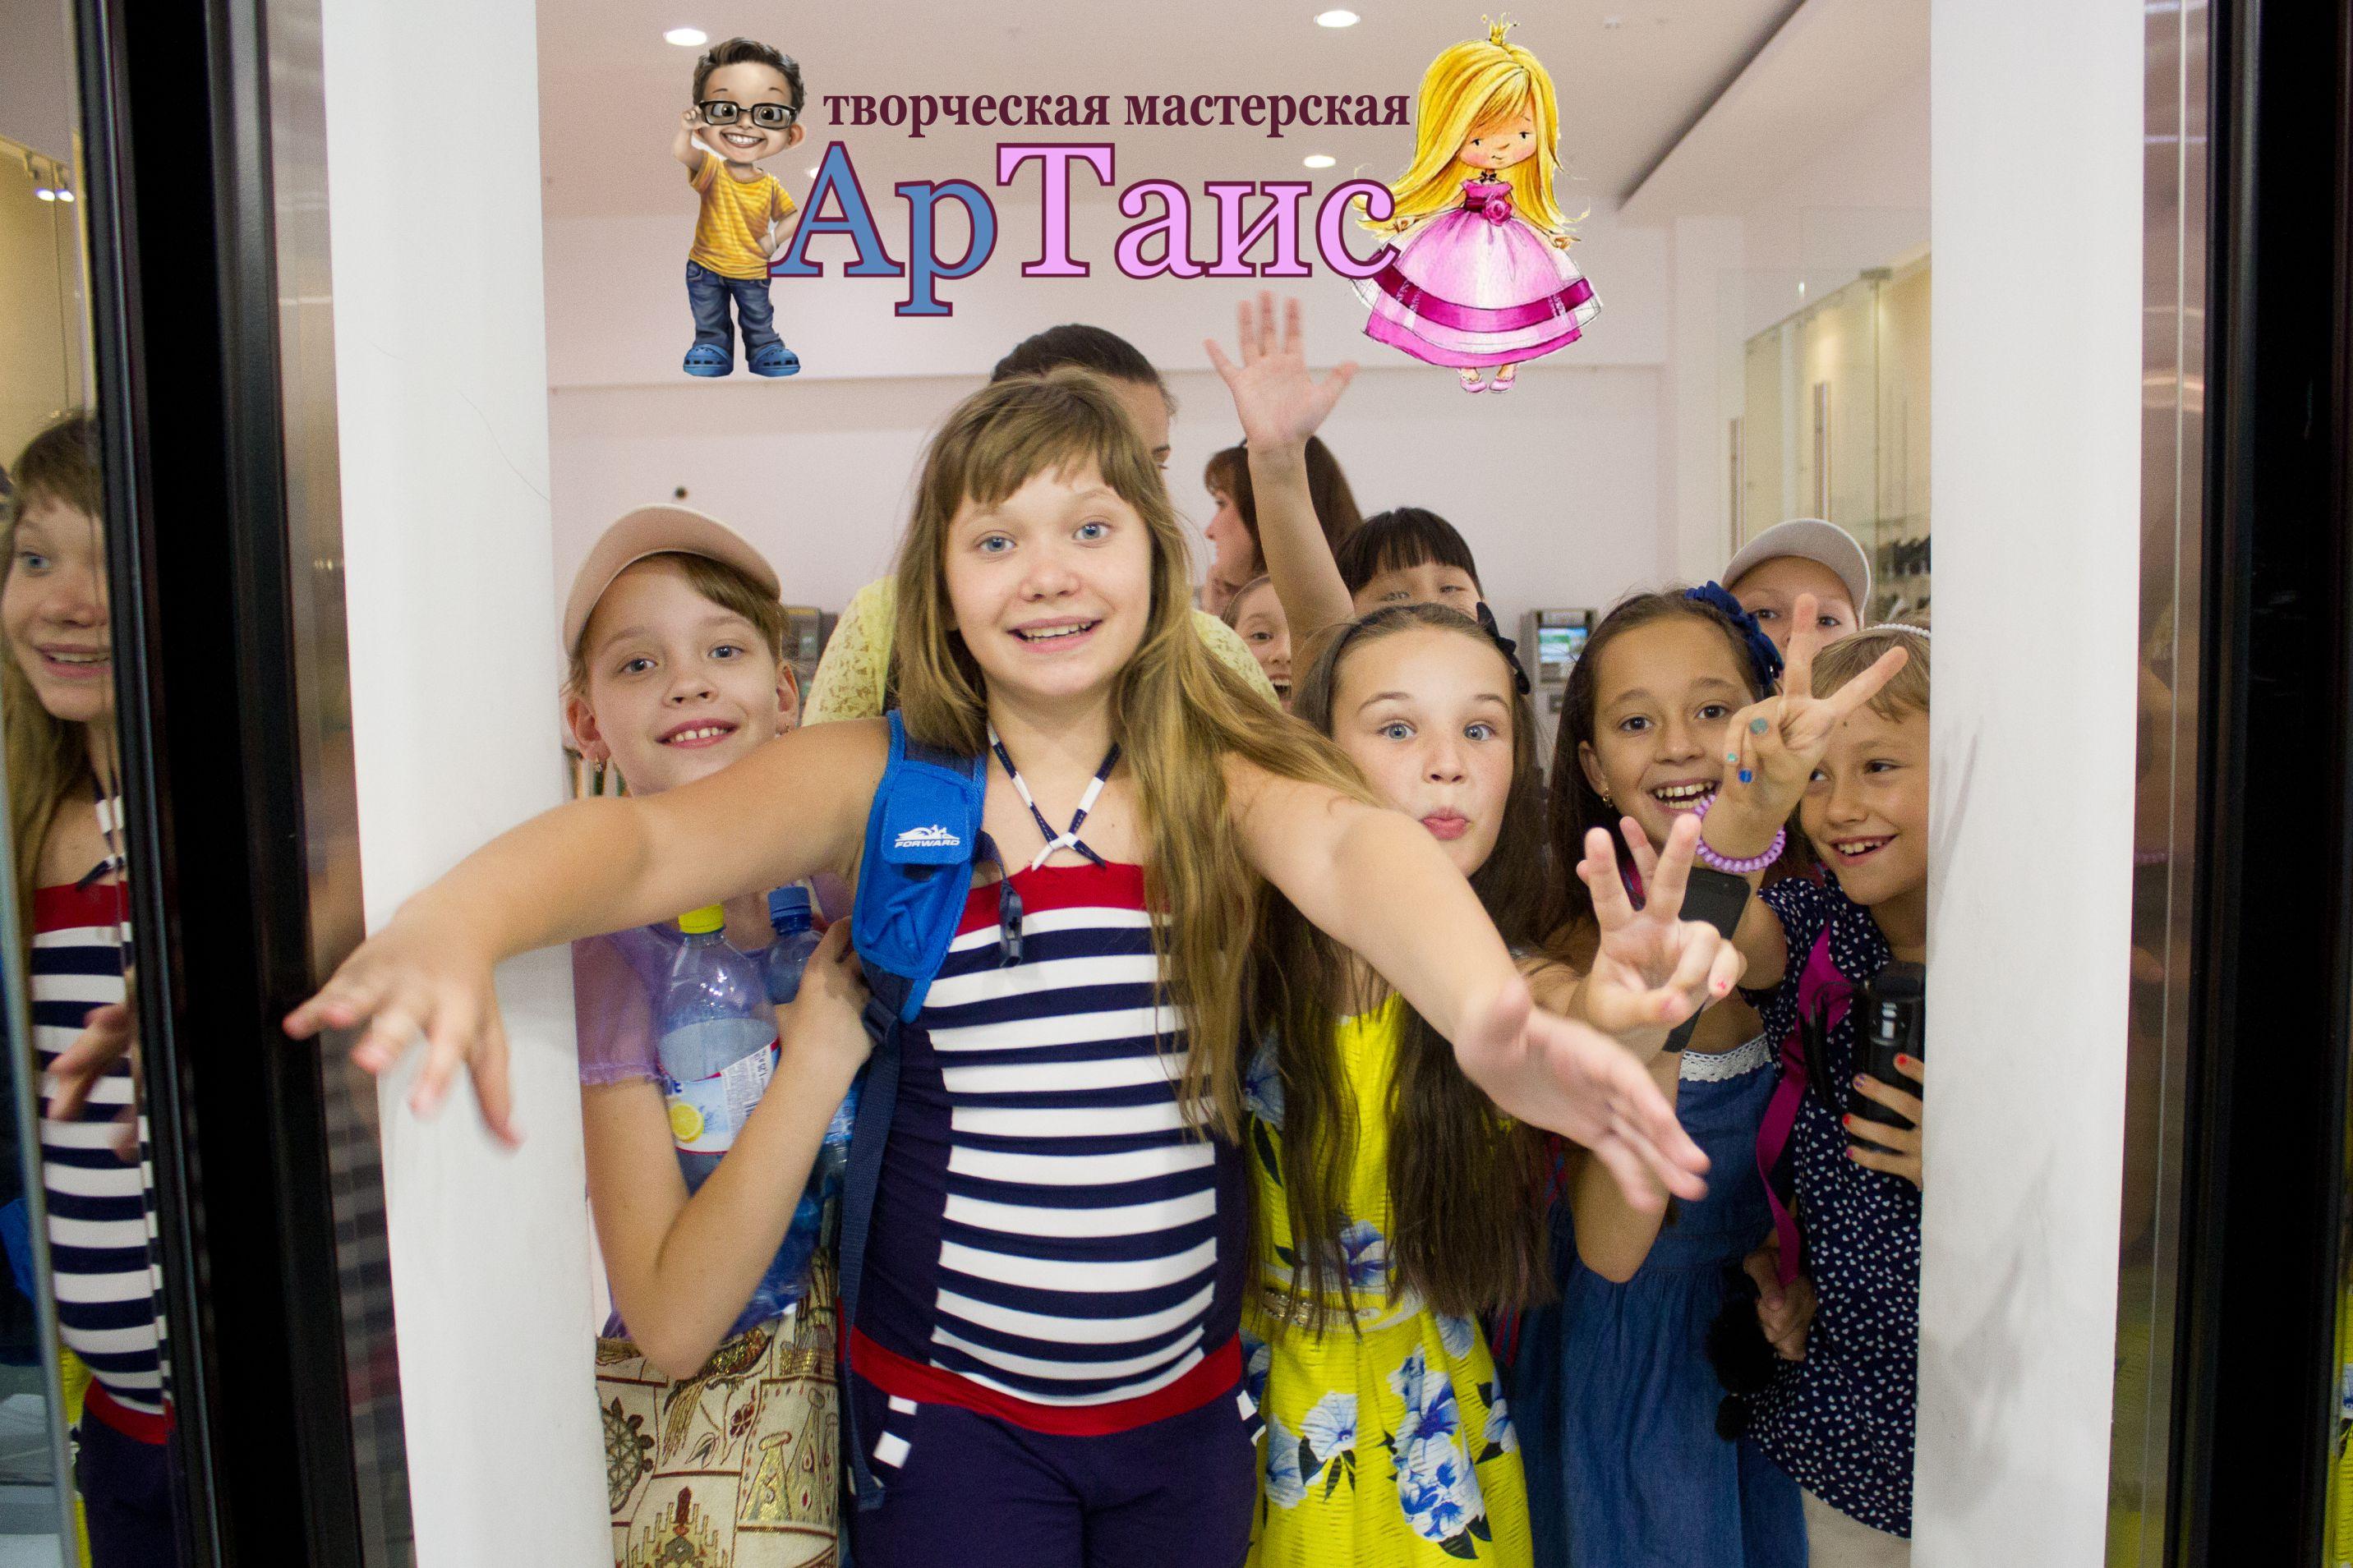 Здравствуйте, поддержите пожалуйста наш проект http://planeta.ru/campaigns/21758 - ОТКРЫТИЕ АРТ-СТУД